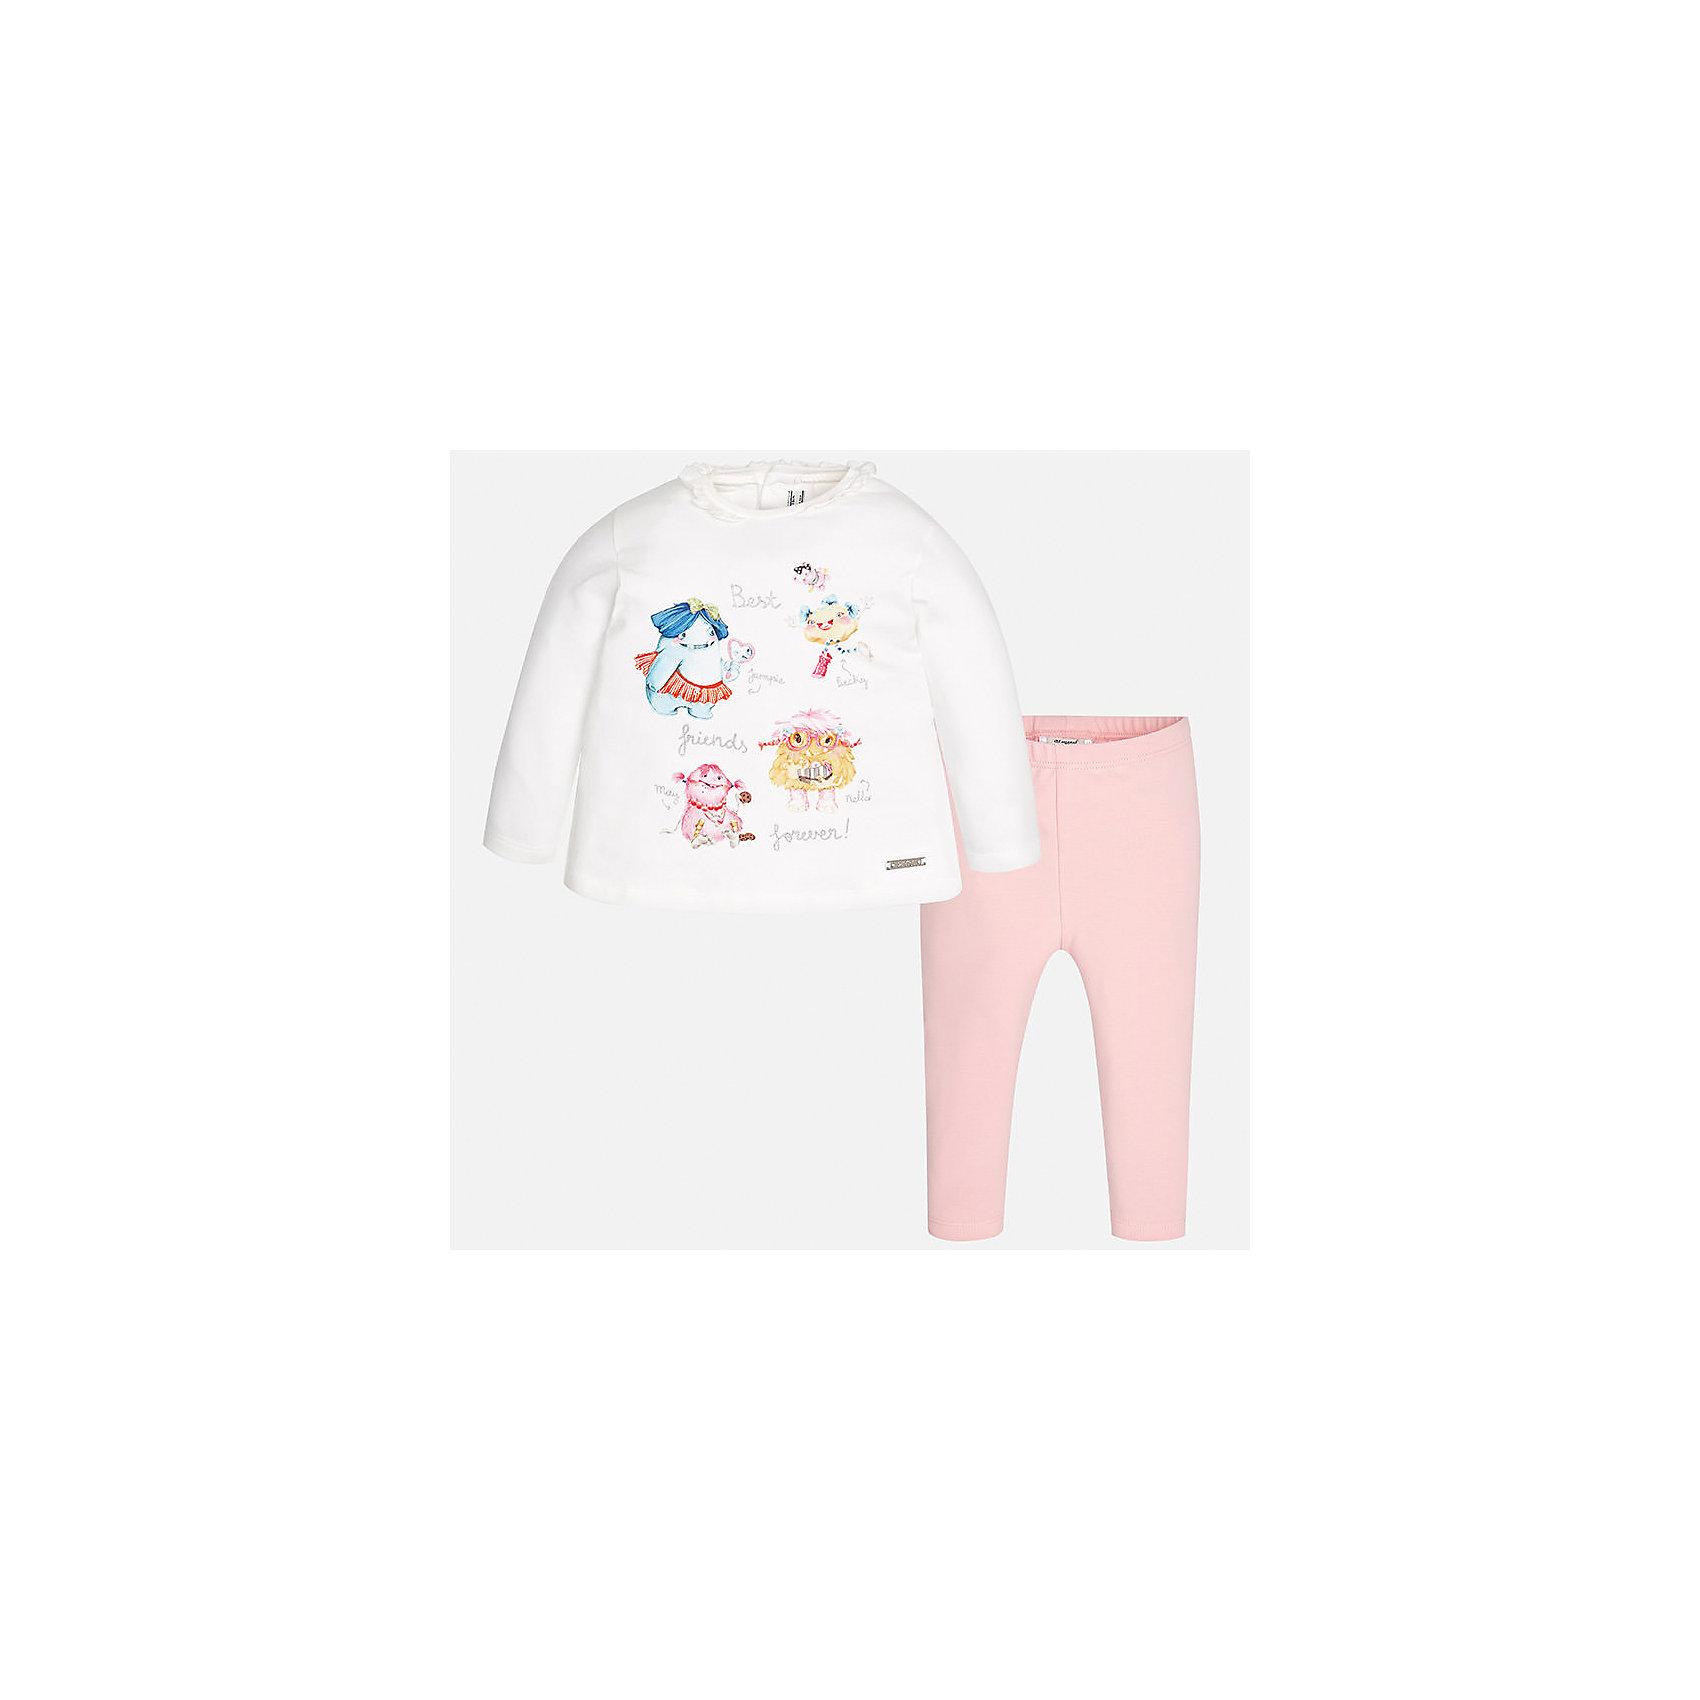 Комплект: футболка с длинным рукавом и леггинсы Mayoral для девочкиКомплекты<br>Состав:<br>92% Хлопок 8% Эластан<br><br>Ширина мм: 123<br>Глубина мм: 10<br>Высота мм: 149<br>Вес г: 209<br>Цвет: бежевый<br>Возраст от месяцев: 6<br>Возраст до месяцев: 9<br>Пол: Женский<br>Возраст: Детский<br>Размер: 80,86,92,98,74<br>SKU: 6920577